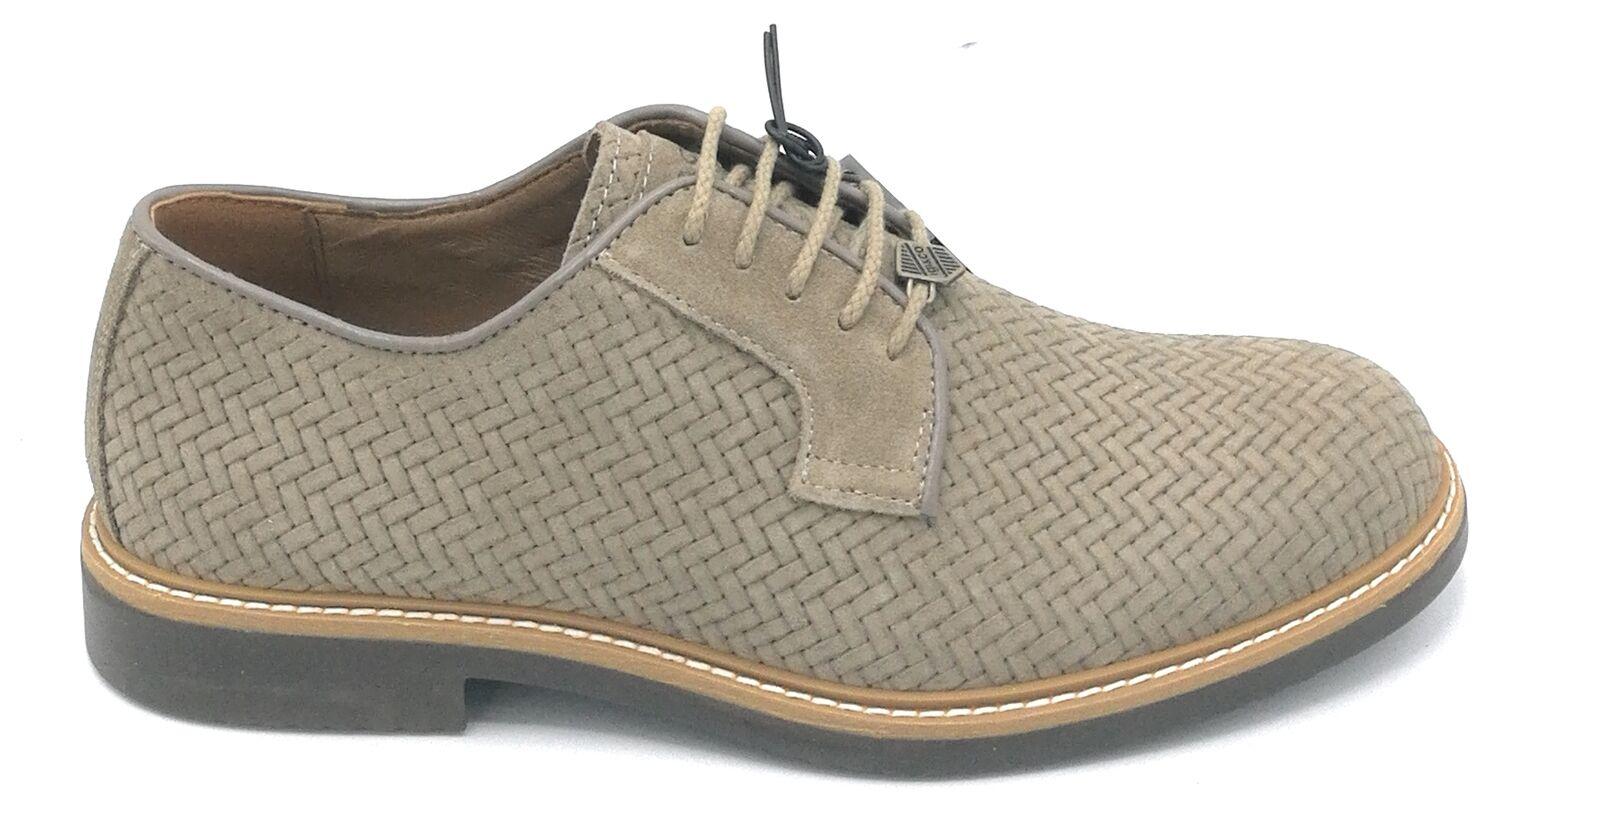 moda Igi e e e Co 3101977 scarpa allacciata camoscio intrecciato  protezione post-vendita